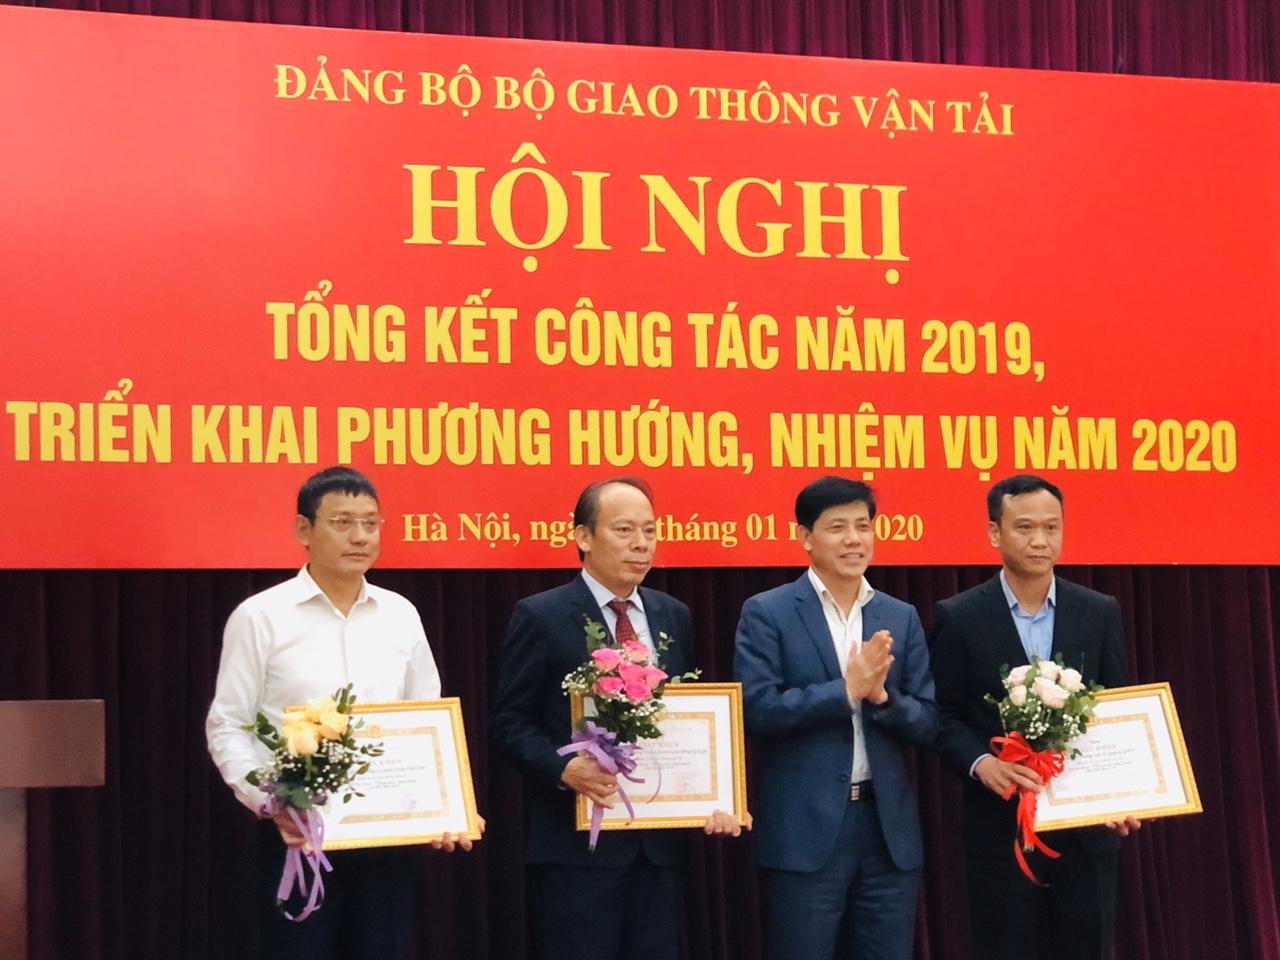 Đảng ủy VATM tham dự Hội nghị công tác Đảng Bộ Giao thông Vận tải năm 2019